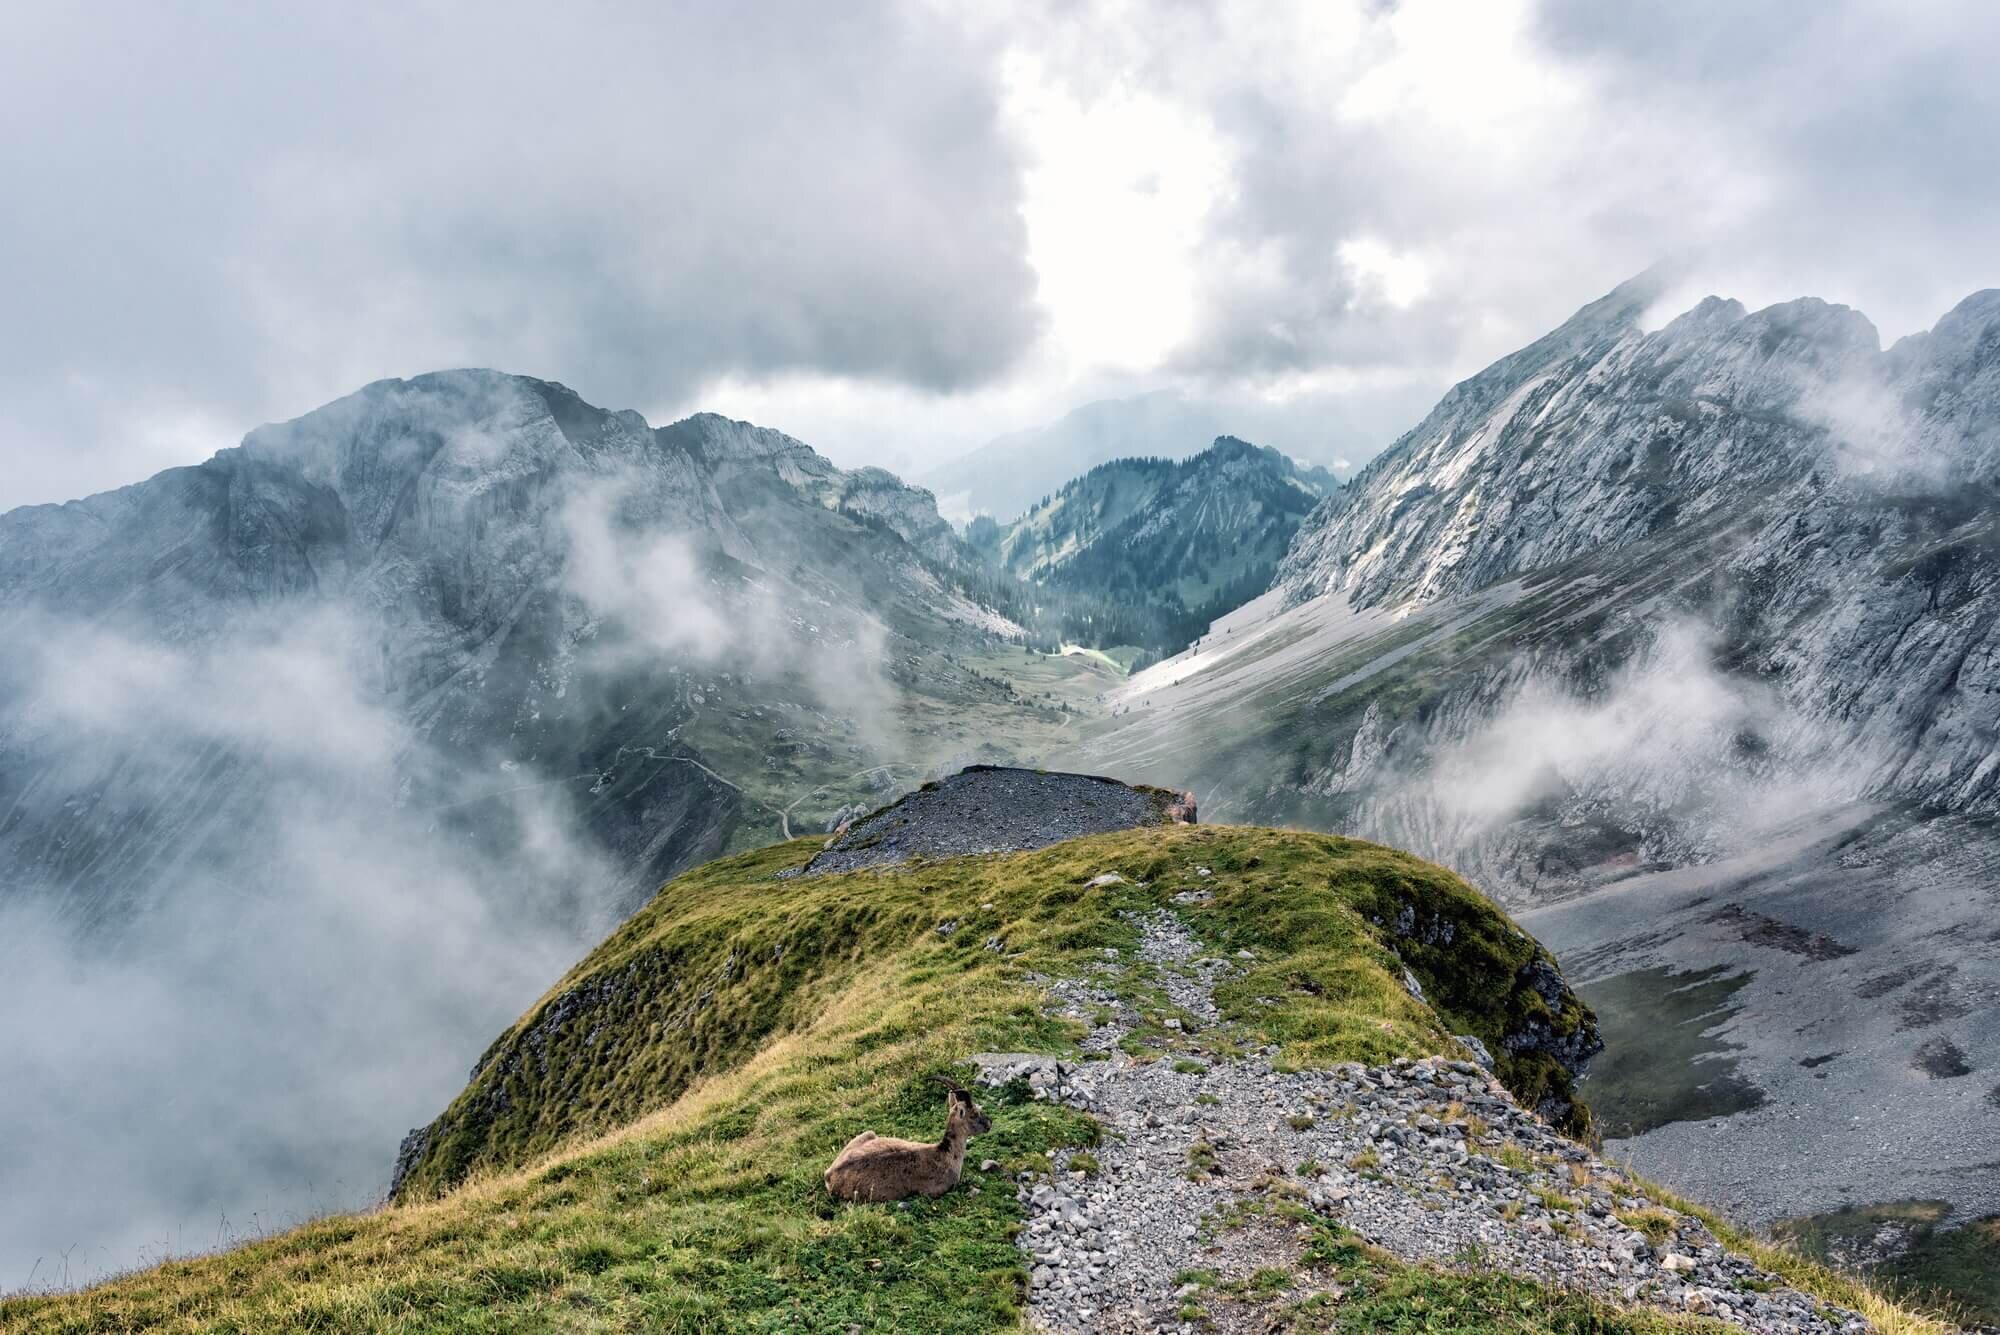 שוויץ - Mount Pilatus, Switzerland